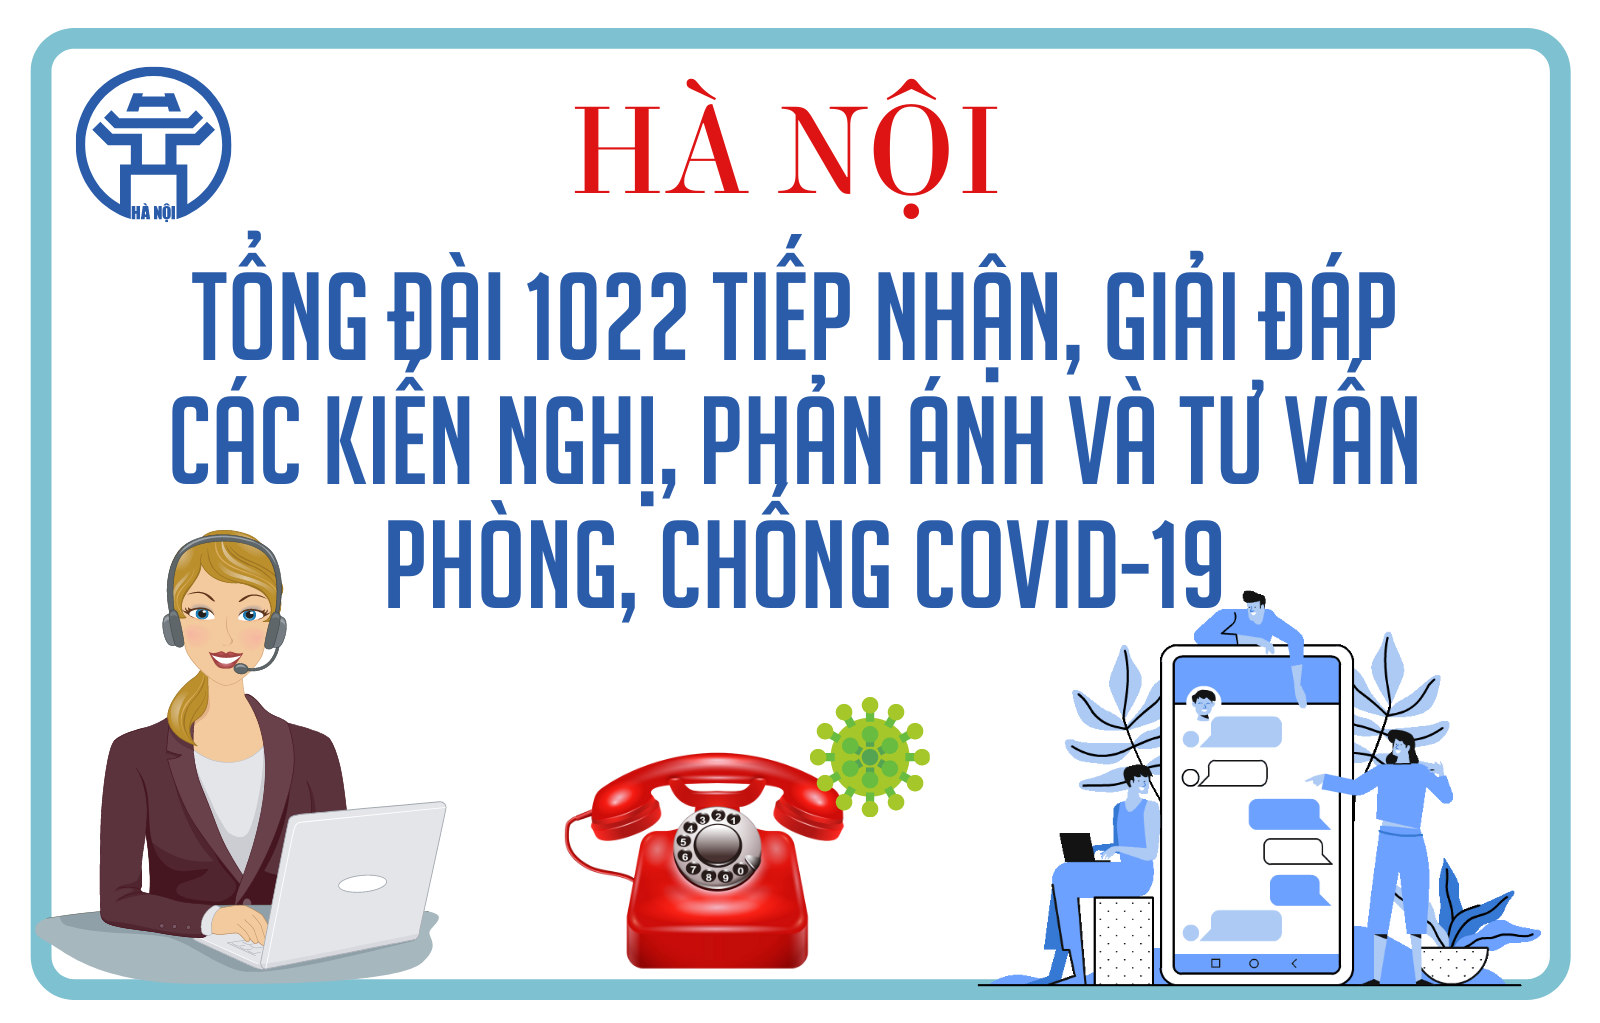 [Infographic] Hà Nội công bố Tổng đài 1022 - Kênh tiếp nhận, giải đáp các kiến nghị, phản ánh và tư vấn phòng, chống Covid-19